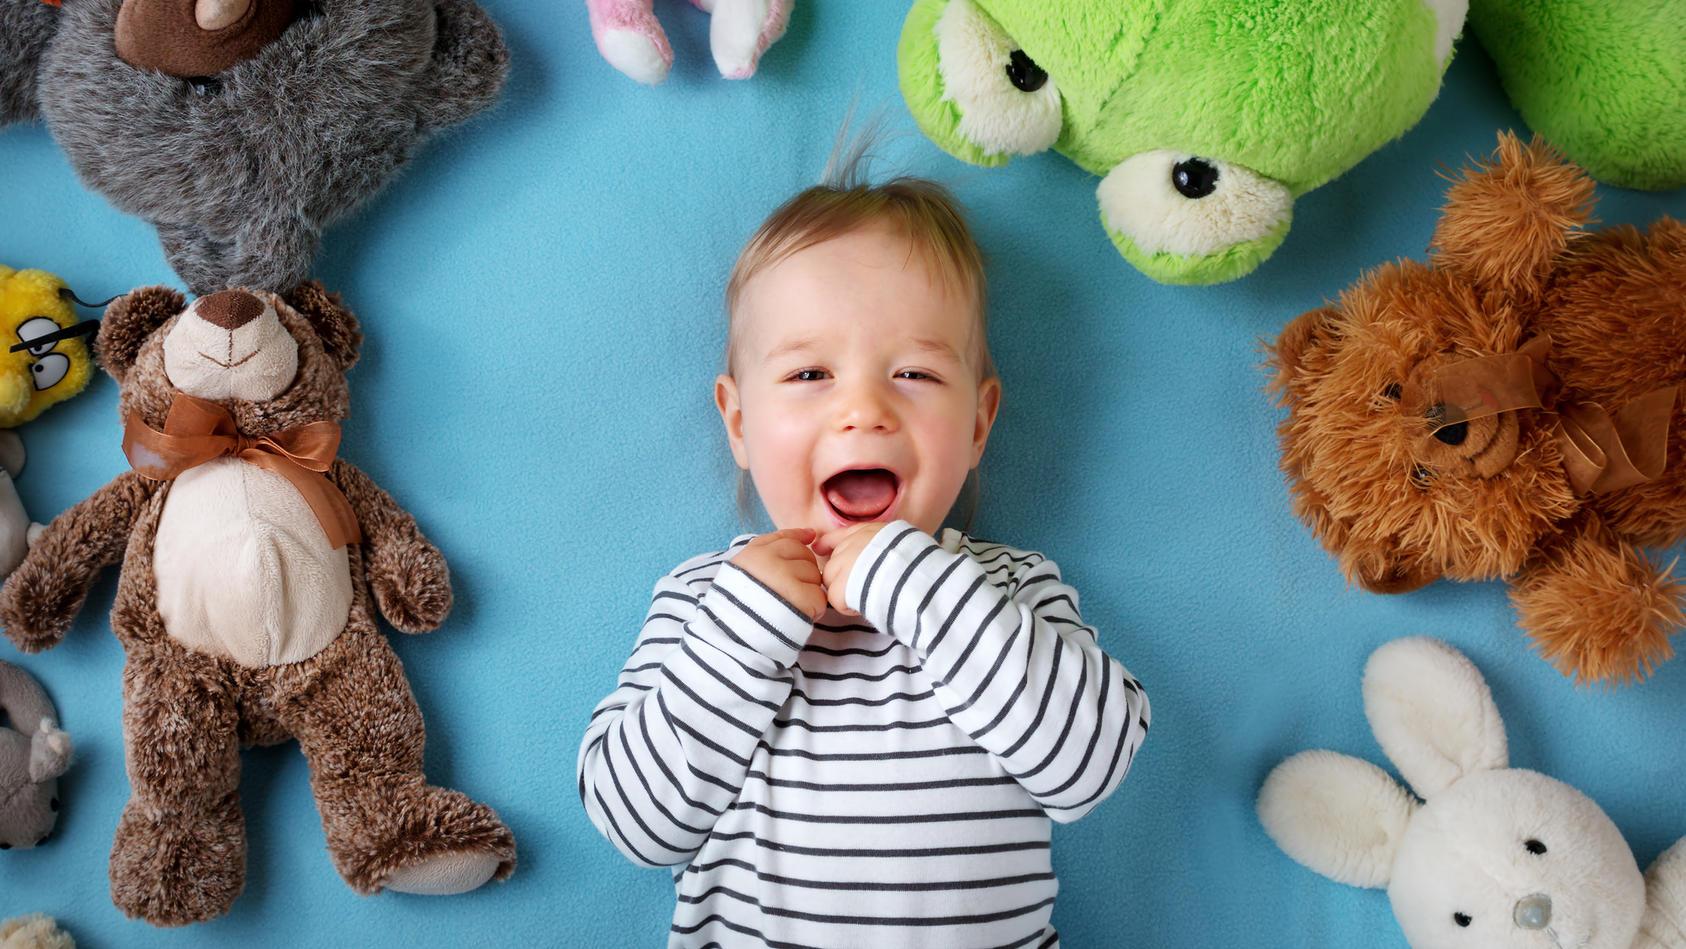 Ein ganzer Kuscheltier-Zoo für das Kind? Zu viele Spielsachen überfordern Kinder.